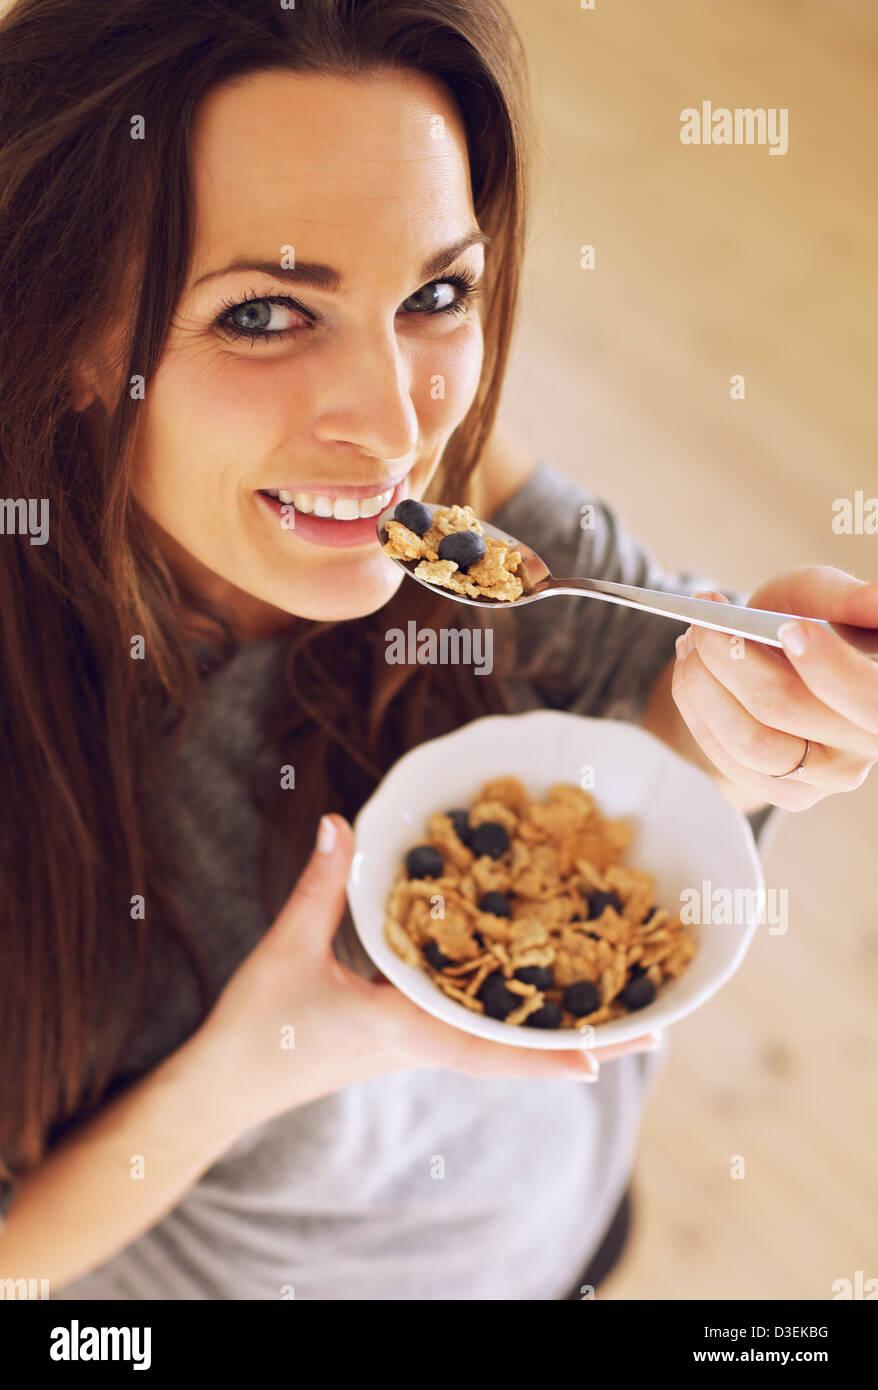 Nahaufnahme von einer attraktiven Frau essen ihr morgen snack Stockbild